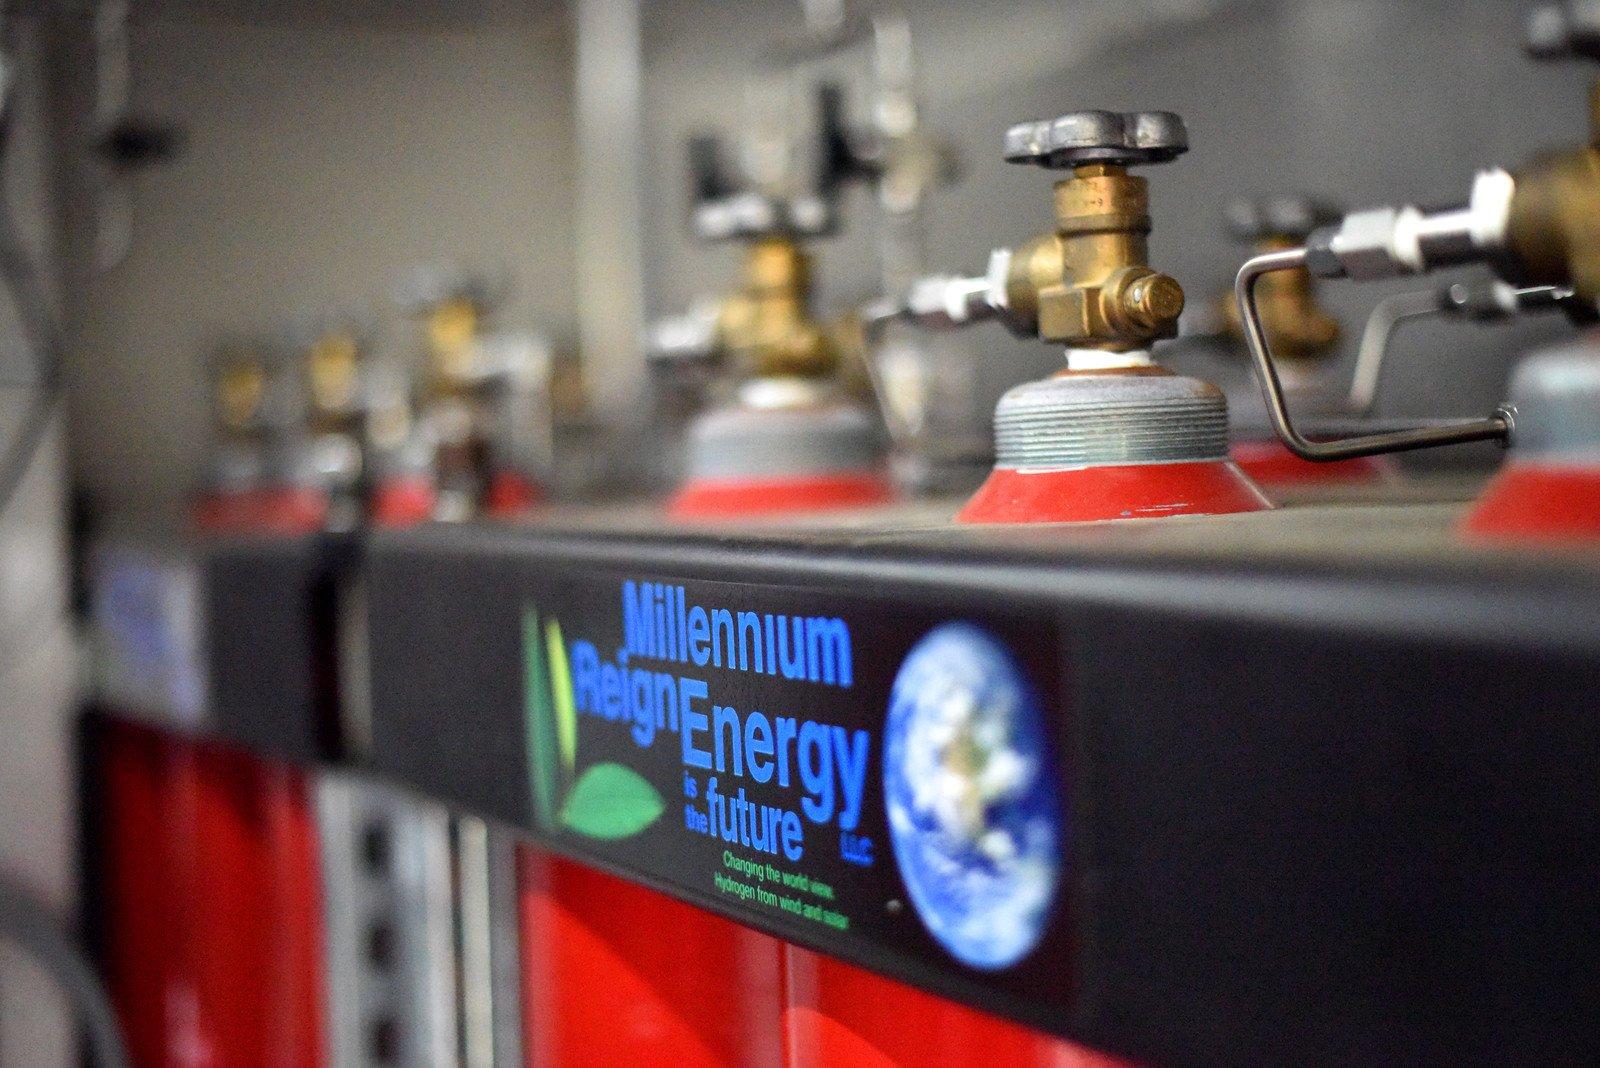 Millennium Reign Energy Hydrogen